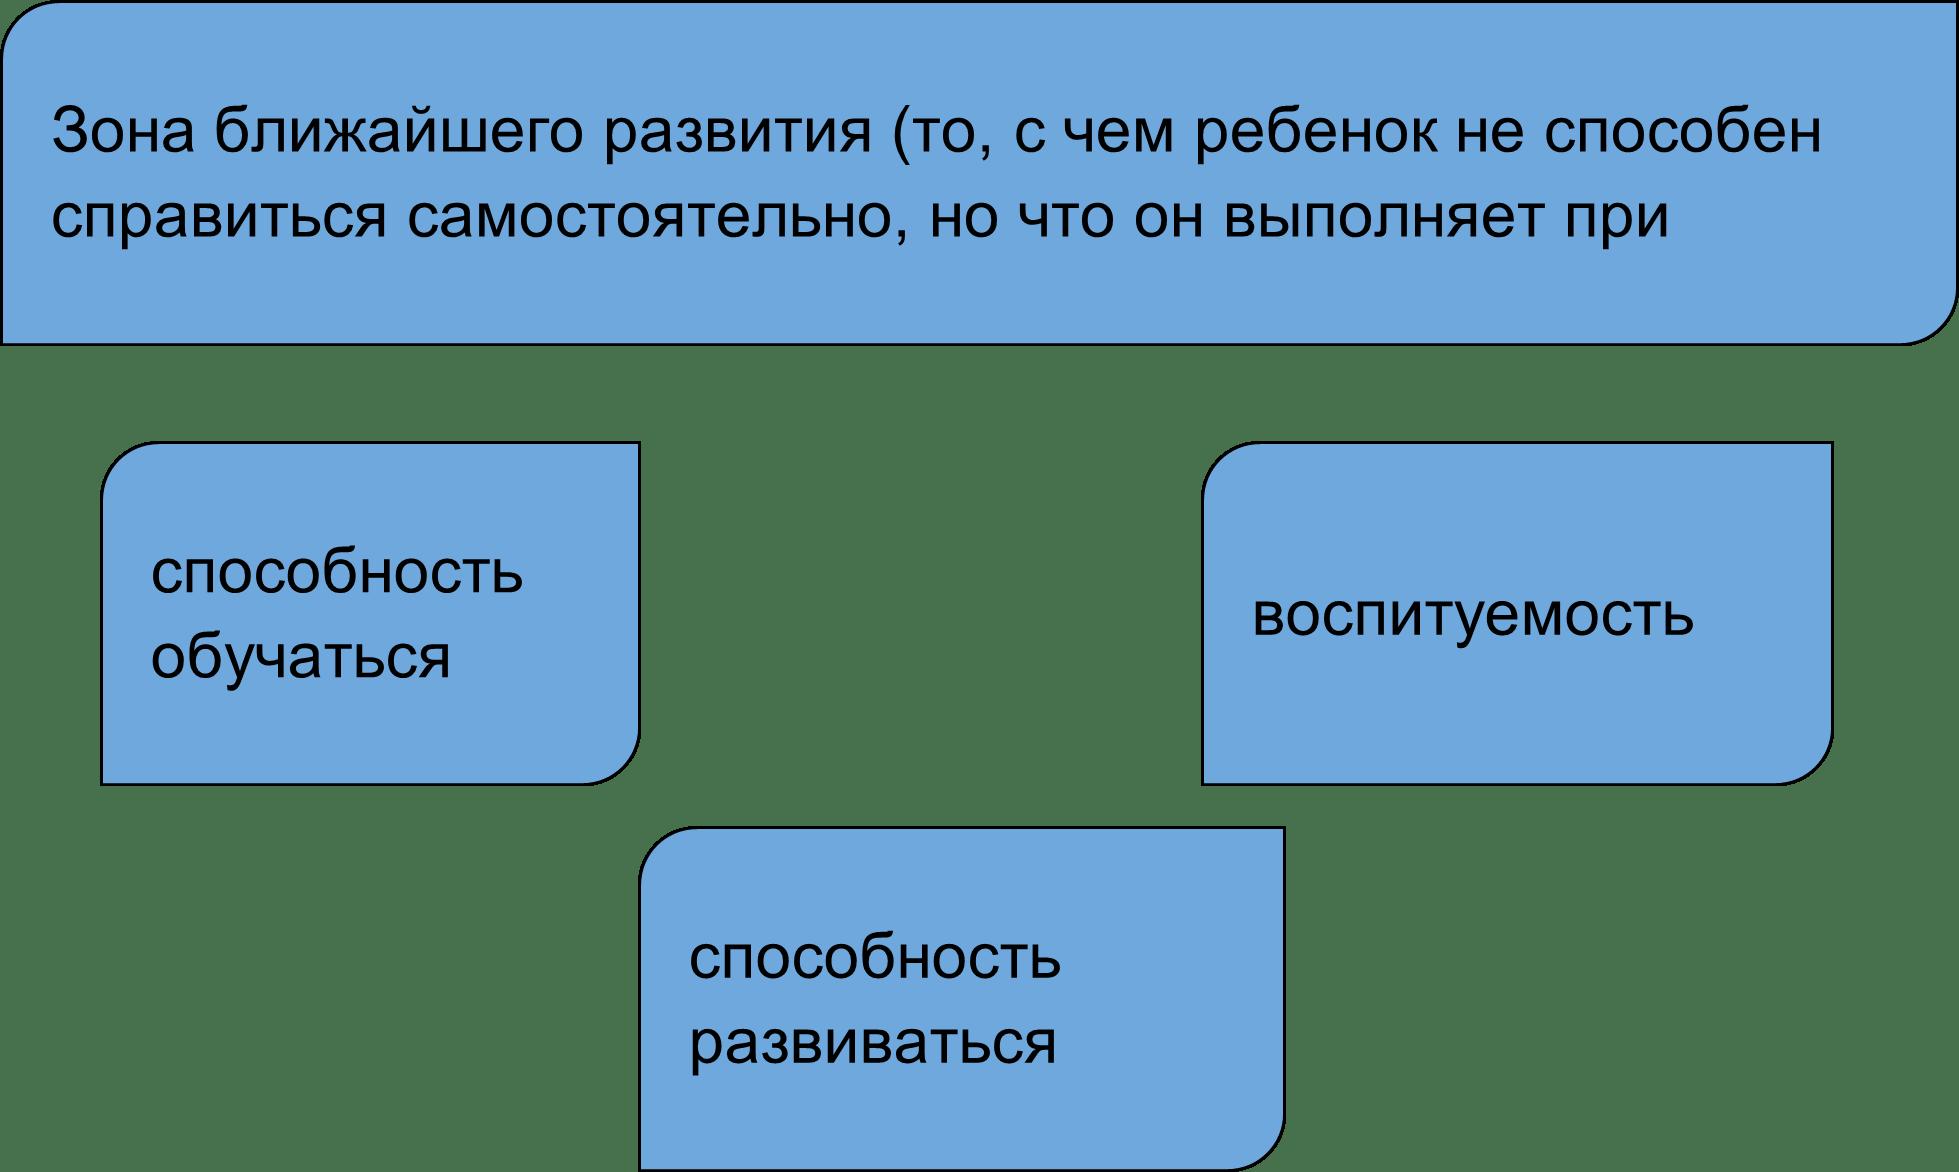 понятие зона ближайшего развития